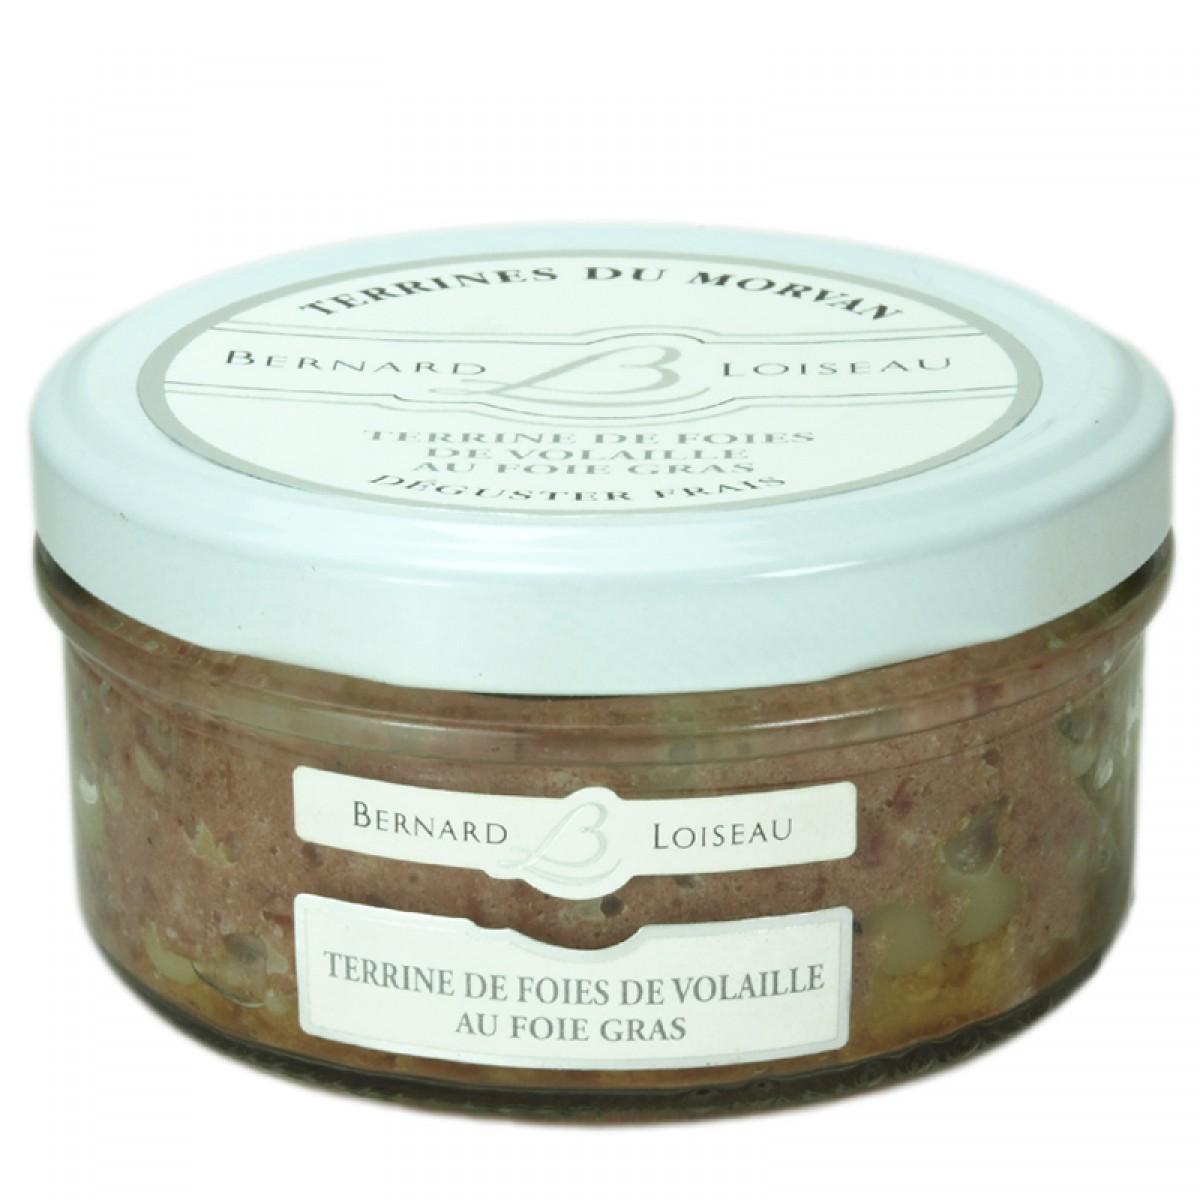 terrine de foies de volailles au foie gras 140g saveurs. Black Bedroom Furniture Sets. Home Design Ideas